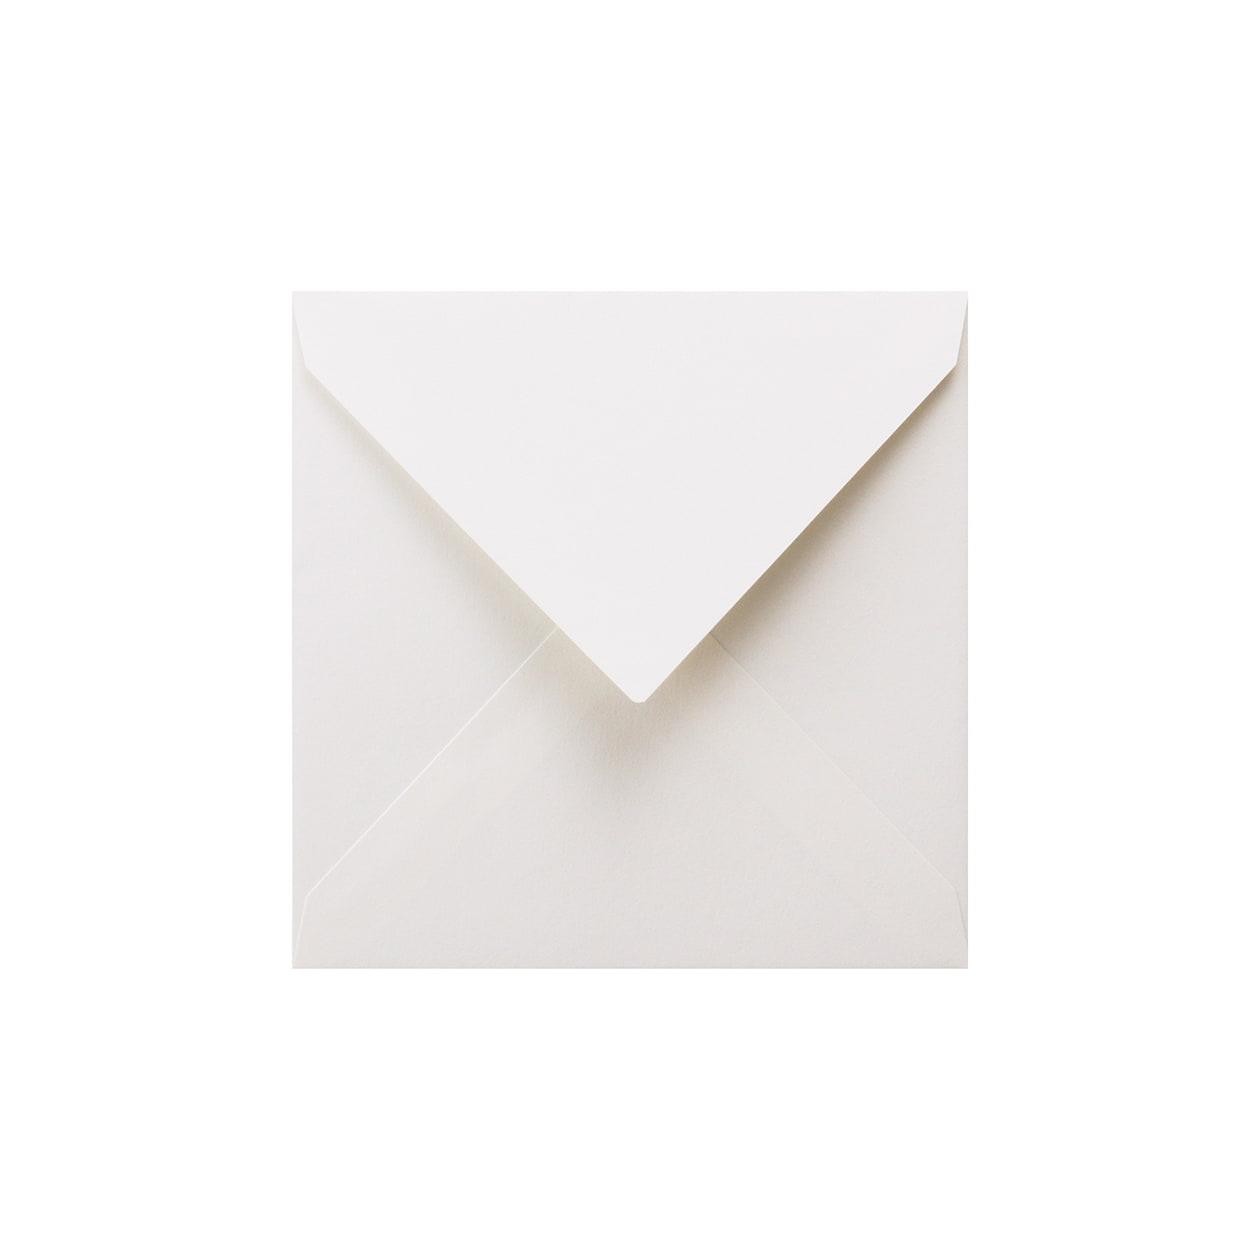 サンプル 封筒・袋 00098